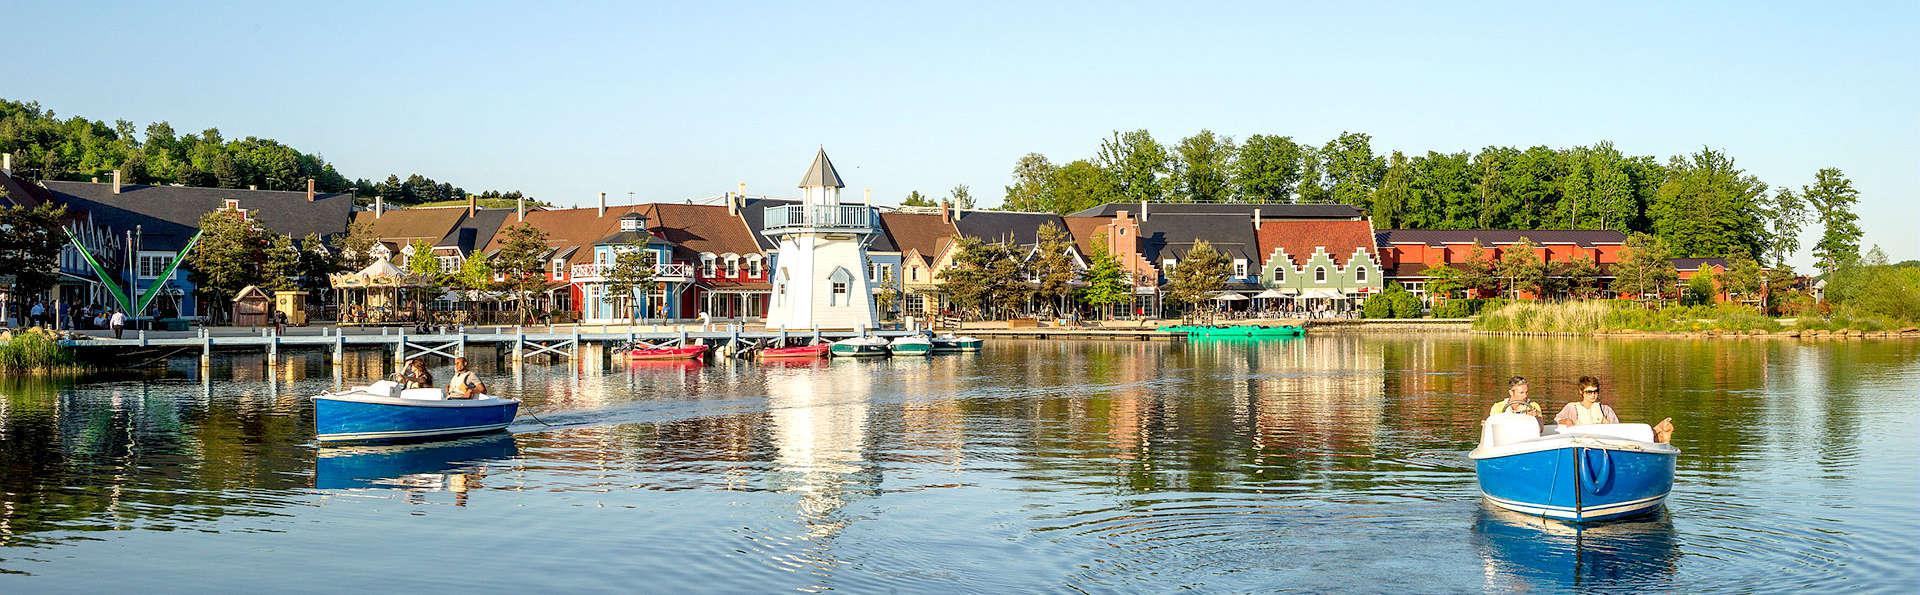 Week-end en cottage premium jusqu'à 4 personnes au Center Parcs Domaine de l'Ailette (7 nuits)